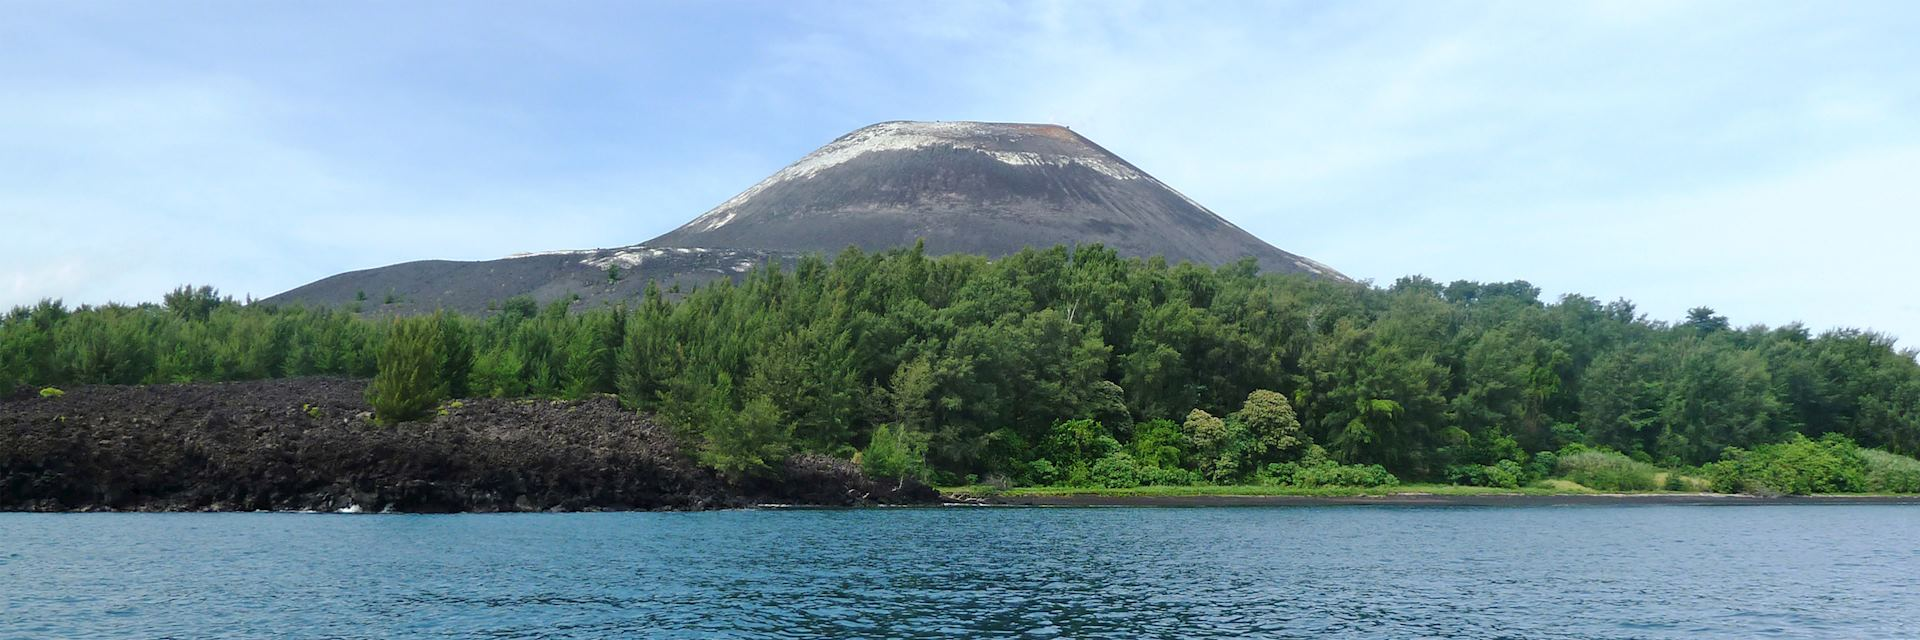 Mount Krakatau